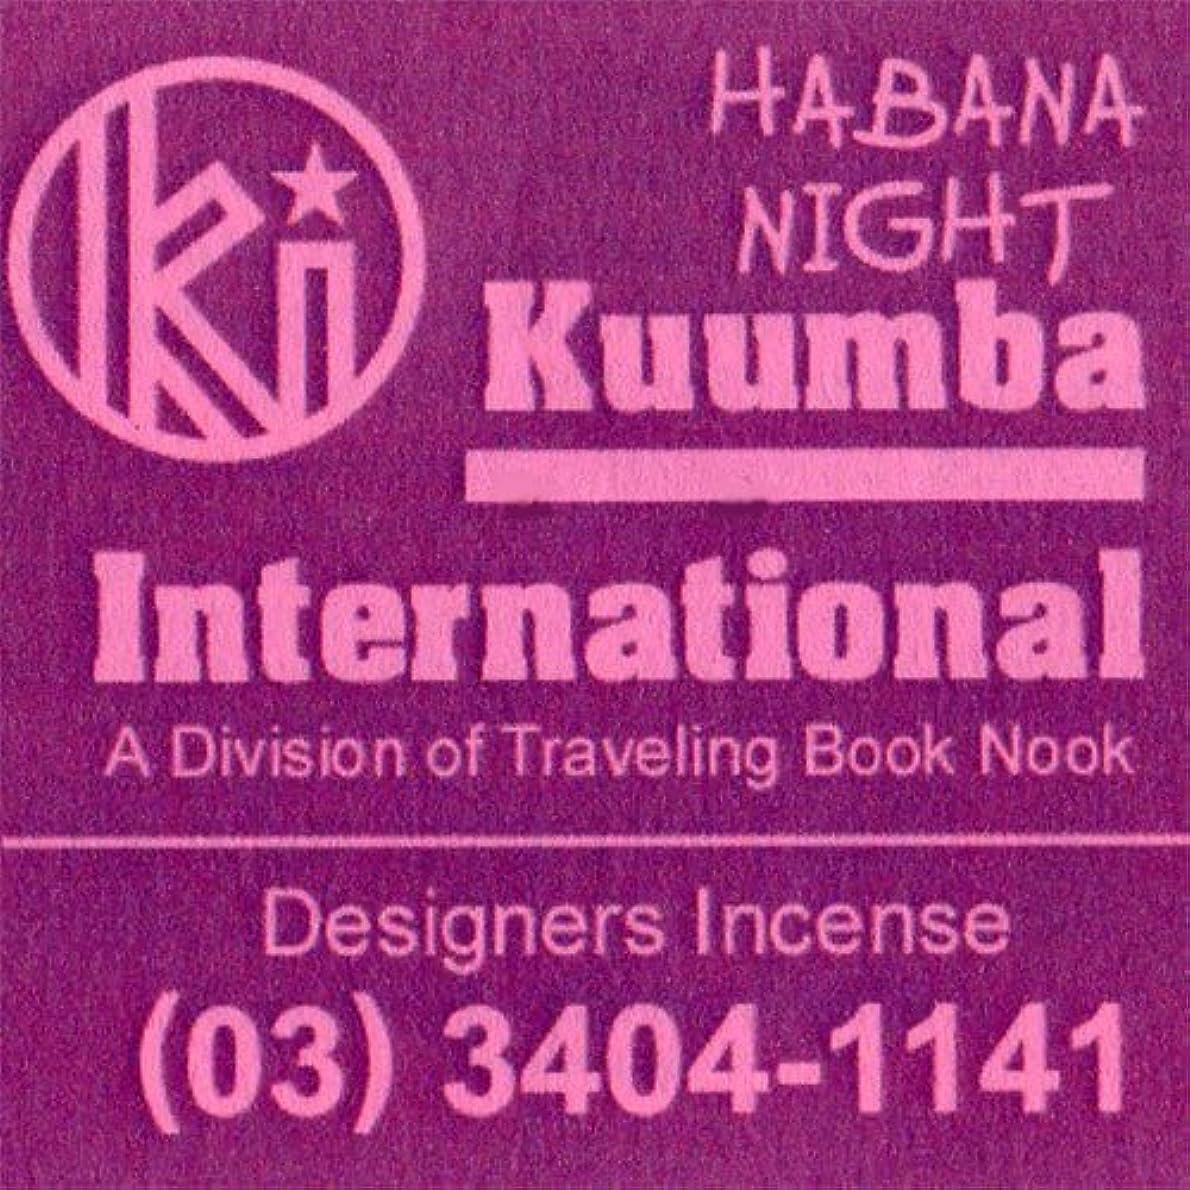 検出可能減衰静かなKUUMBA/クンバ『incense』(HABANA NIGHT) (Regular size)